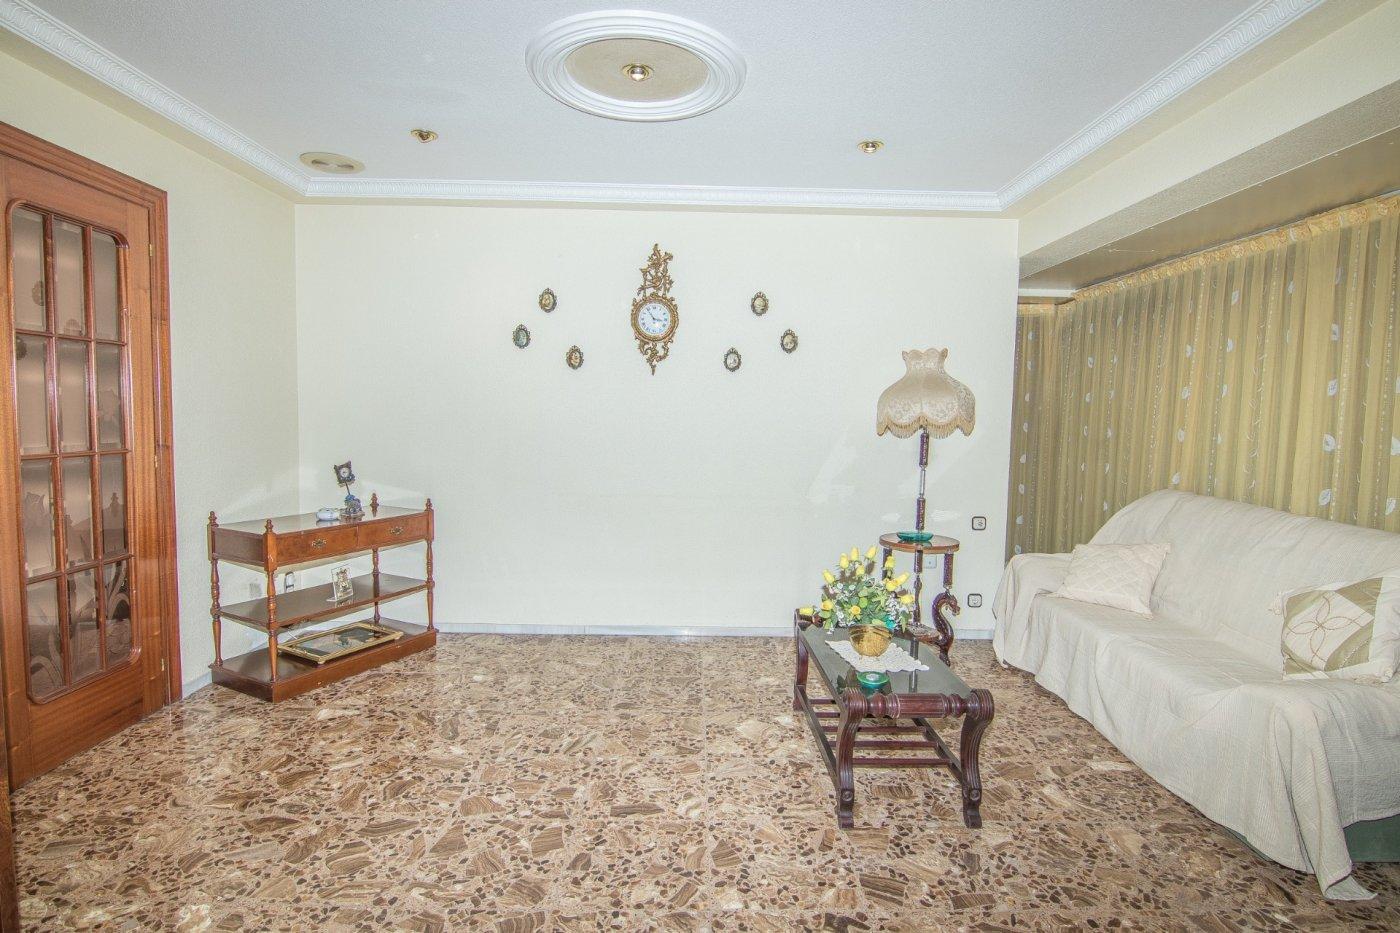 Alquiler de piso céntrico con ascensor, 4 habitaciones 2 baños